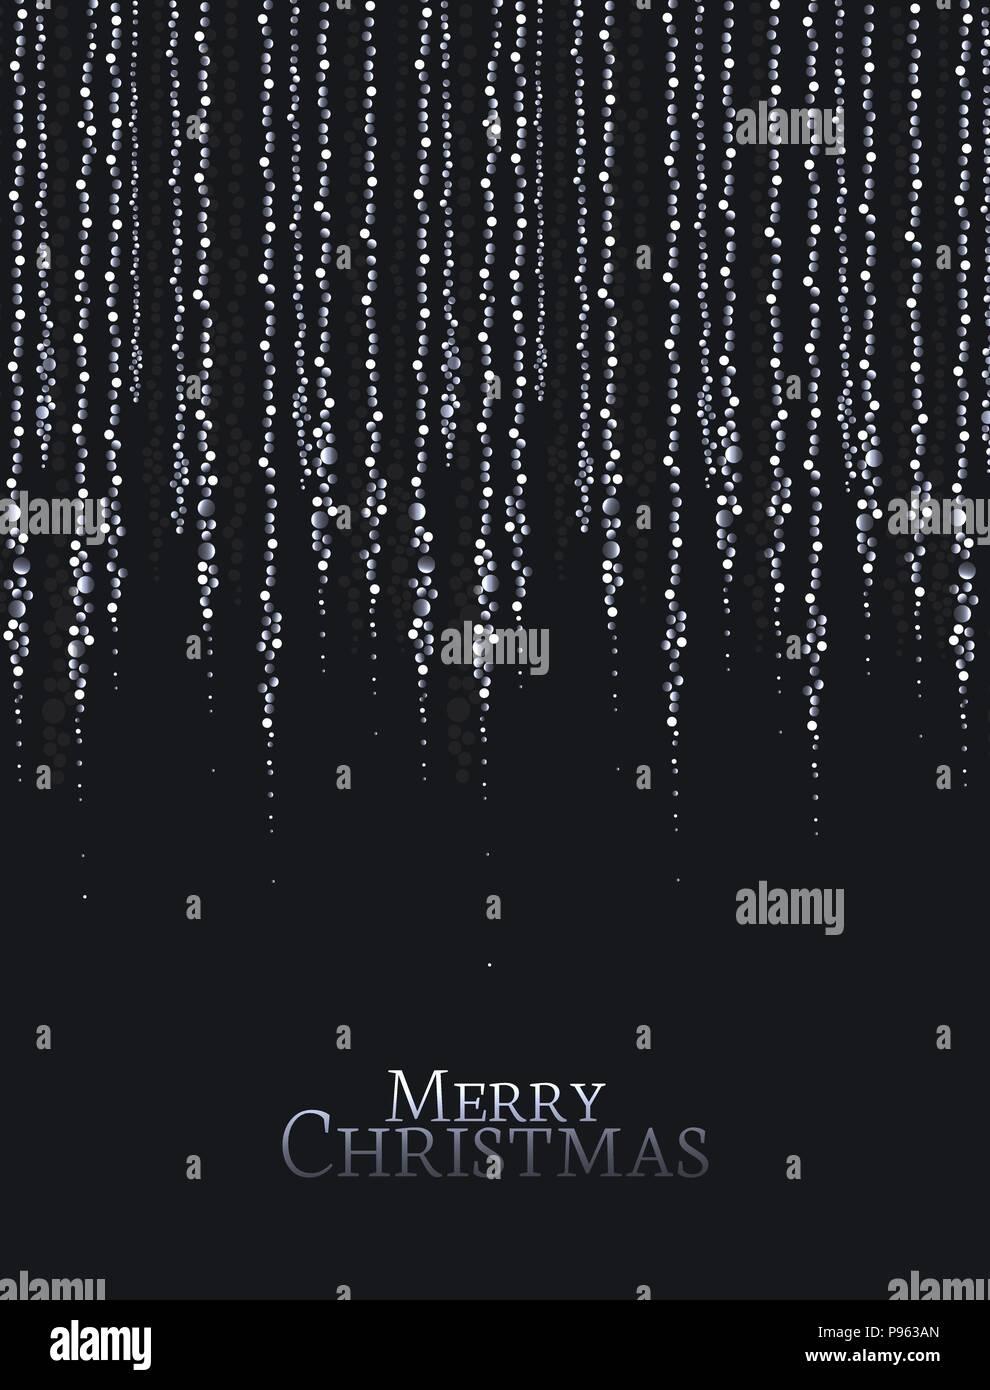 vector illustration christmas lights on a black background string lights